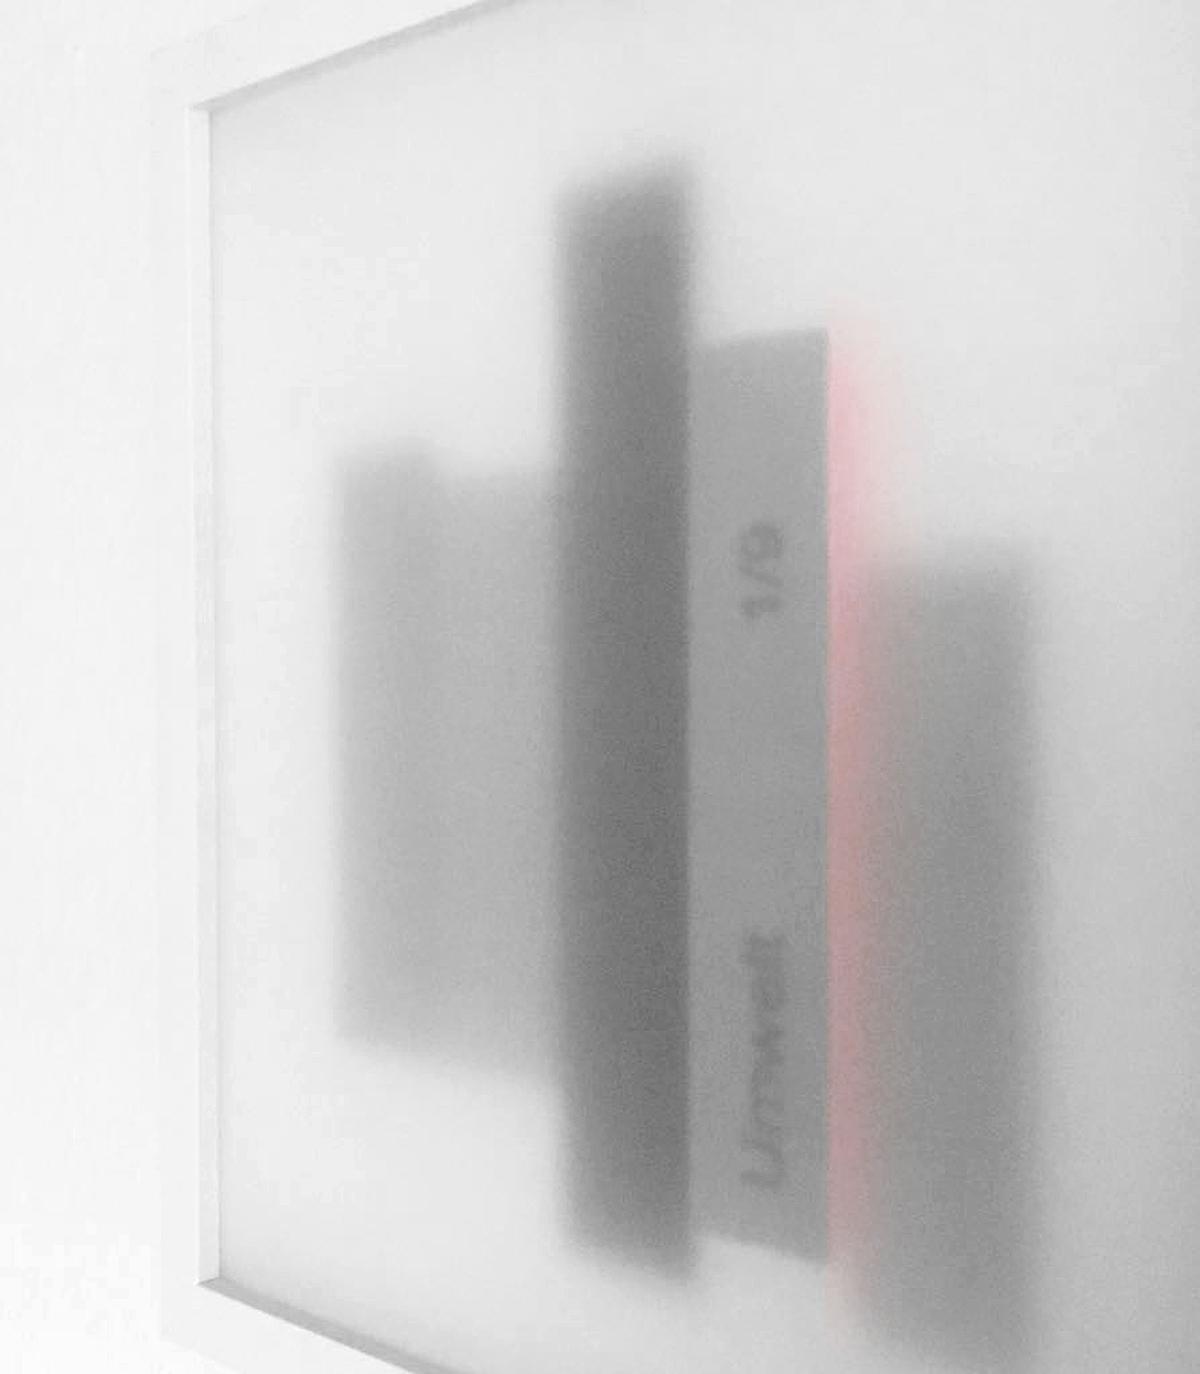 Württembergischer Kunstverein | Könnte aber doch